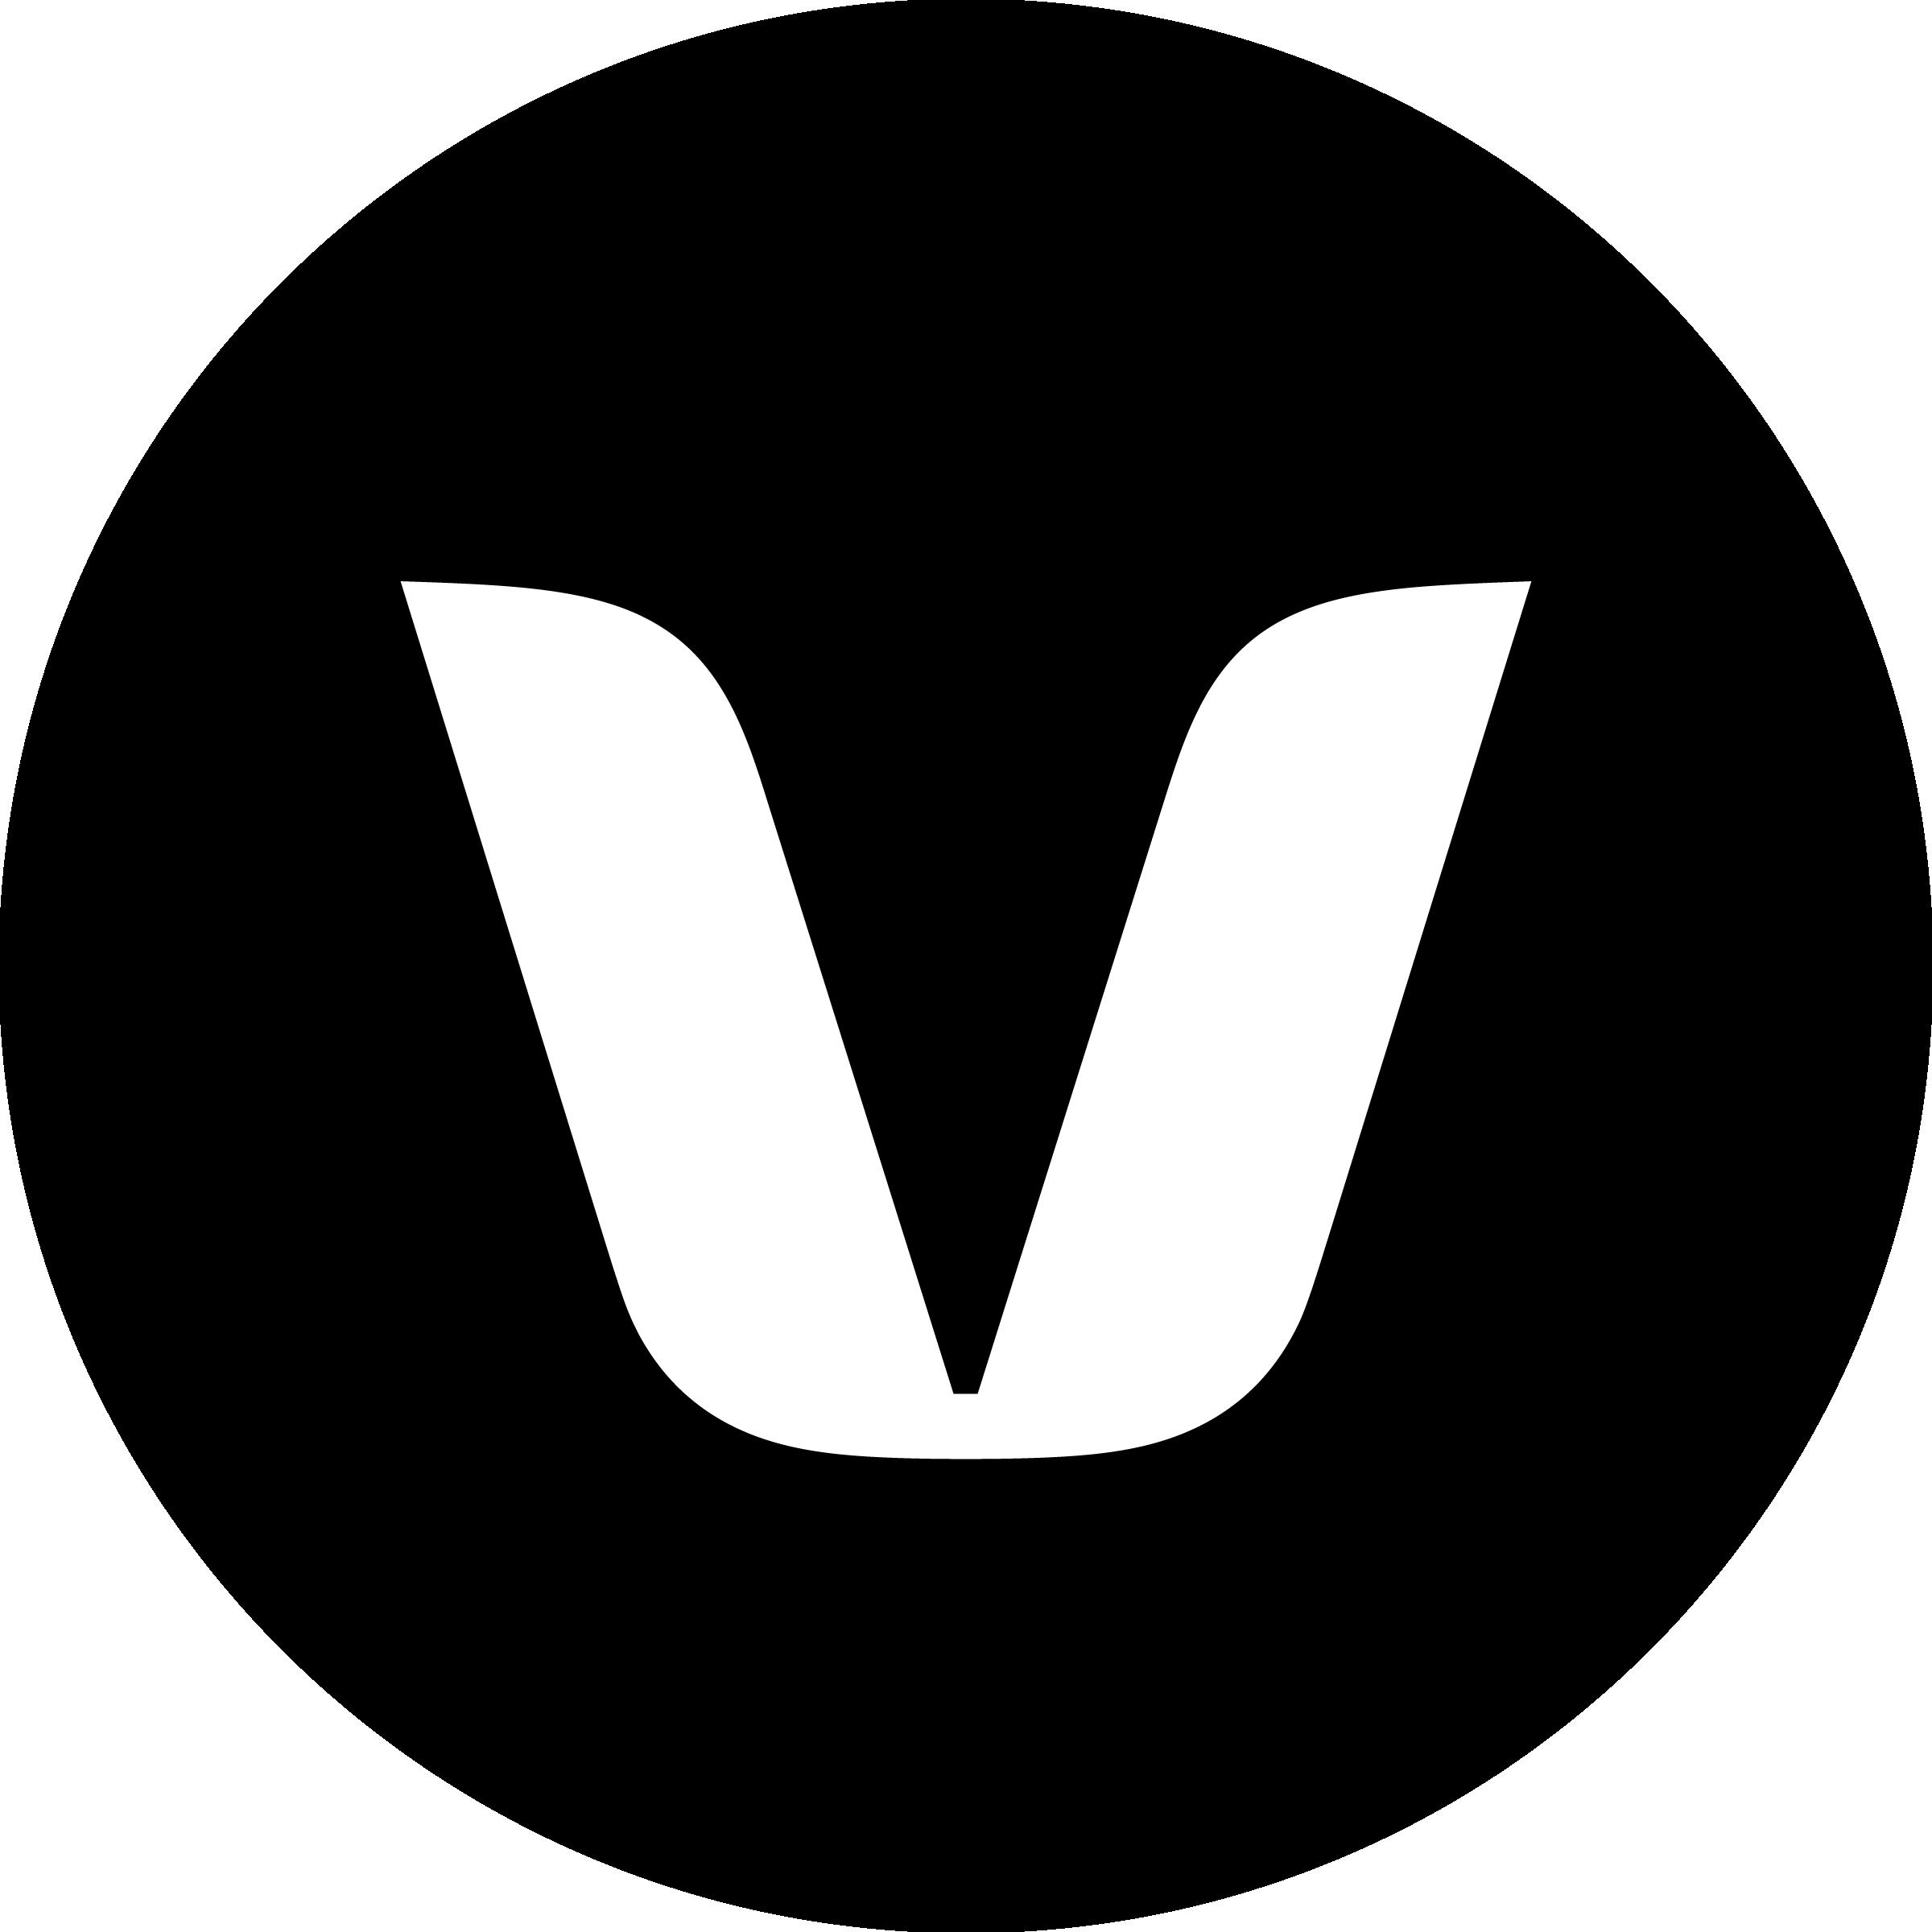 Vent Finance VENT icon symbol